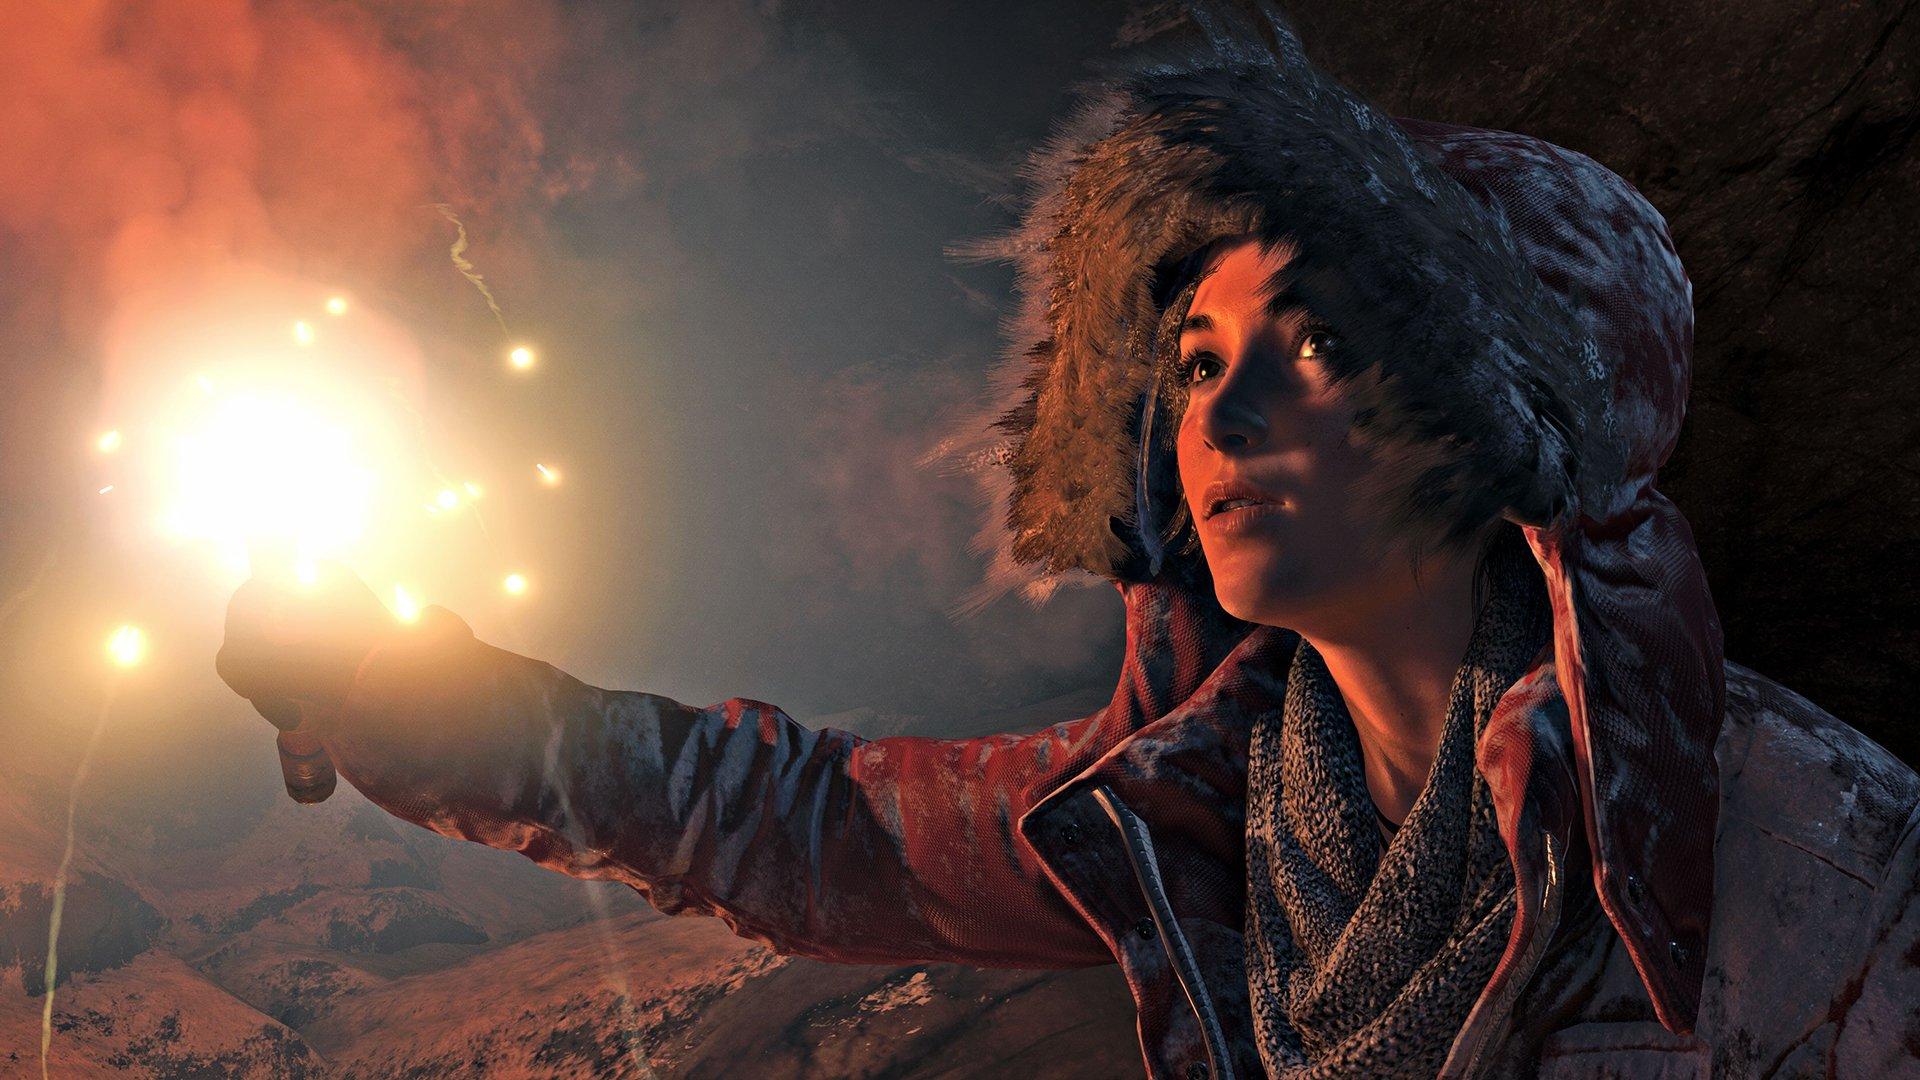 Гробницы Лары: Гайд по гробницам испытаний в Rise of the Tomb Raider. - Изображение 1